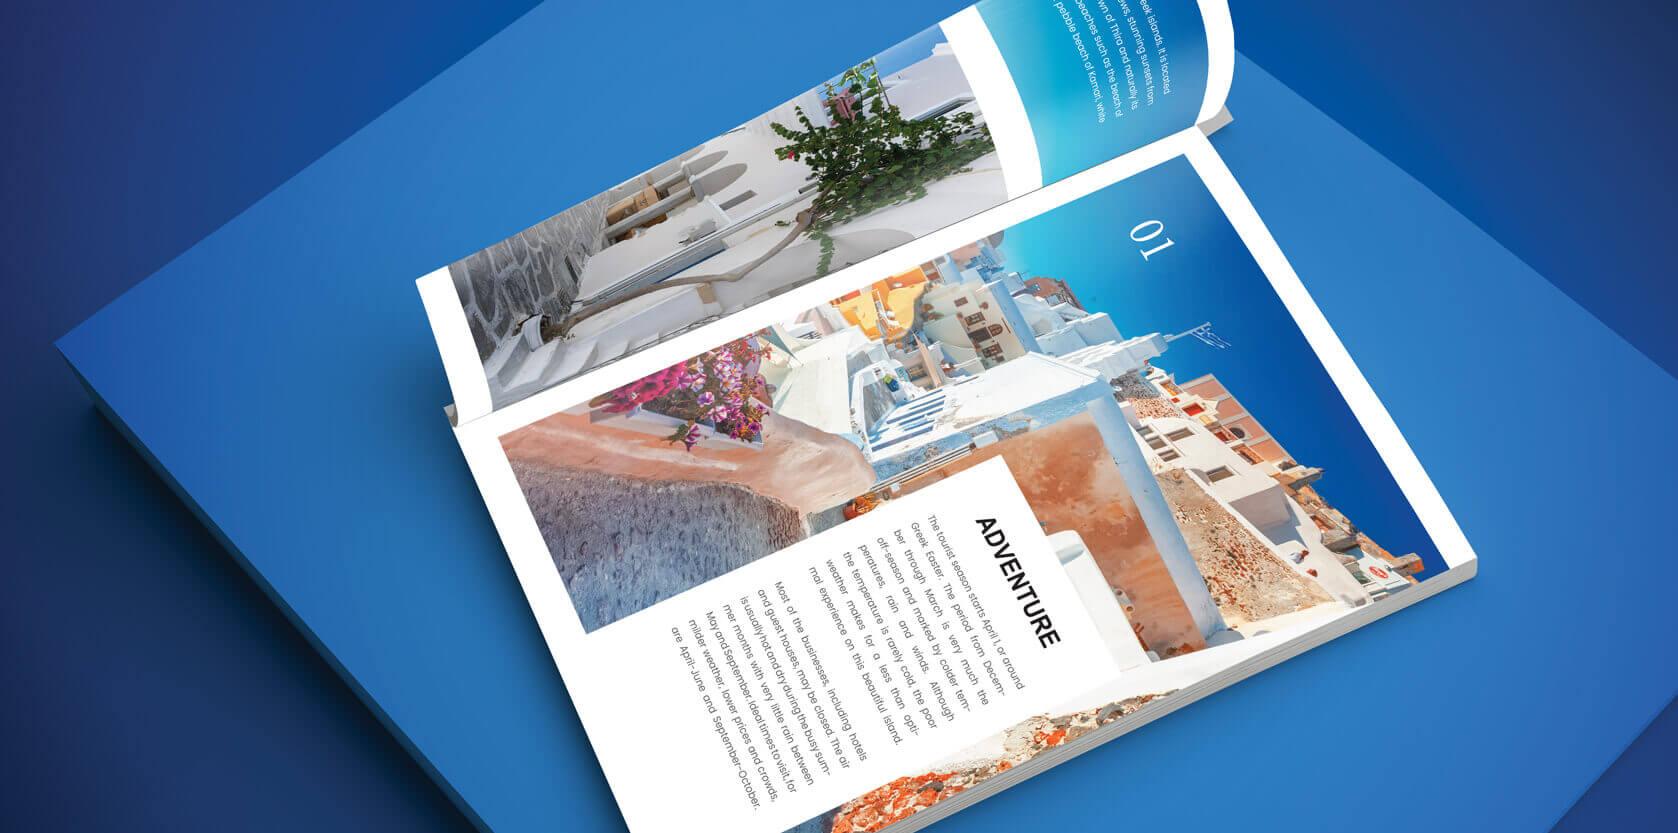 commercial-print-8-a-7-f-57-a-3-e-1-c-190-cd-1382-d-3-e-28-cf-8-aaec-jpg-1